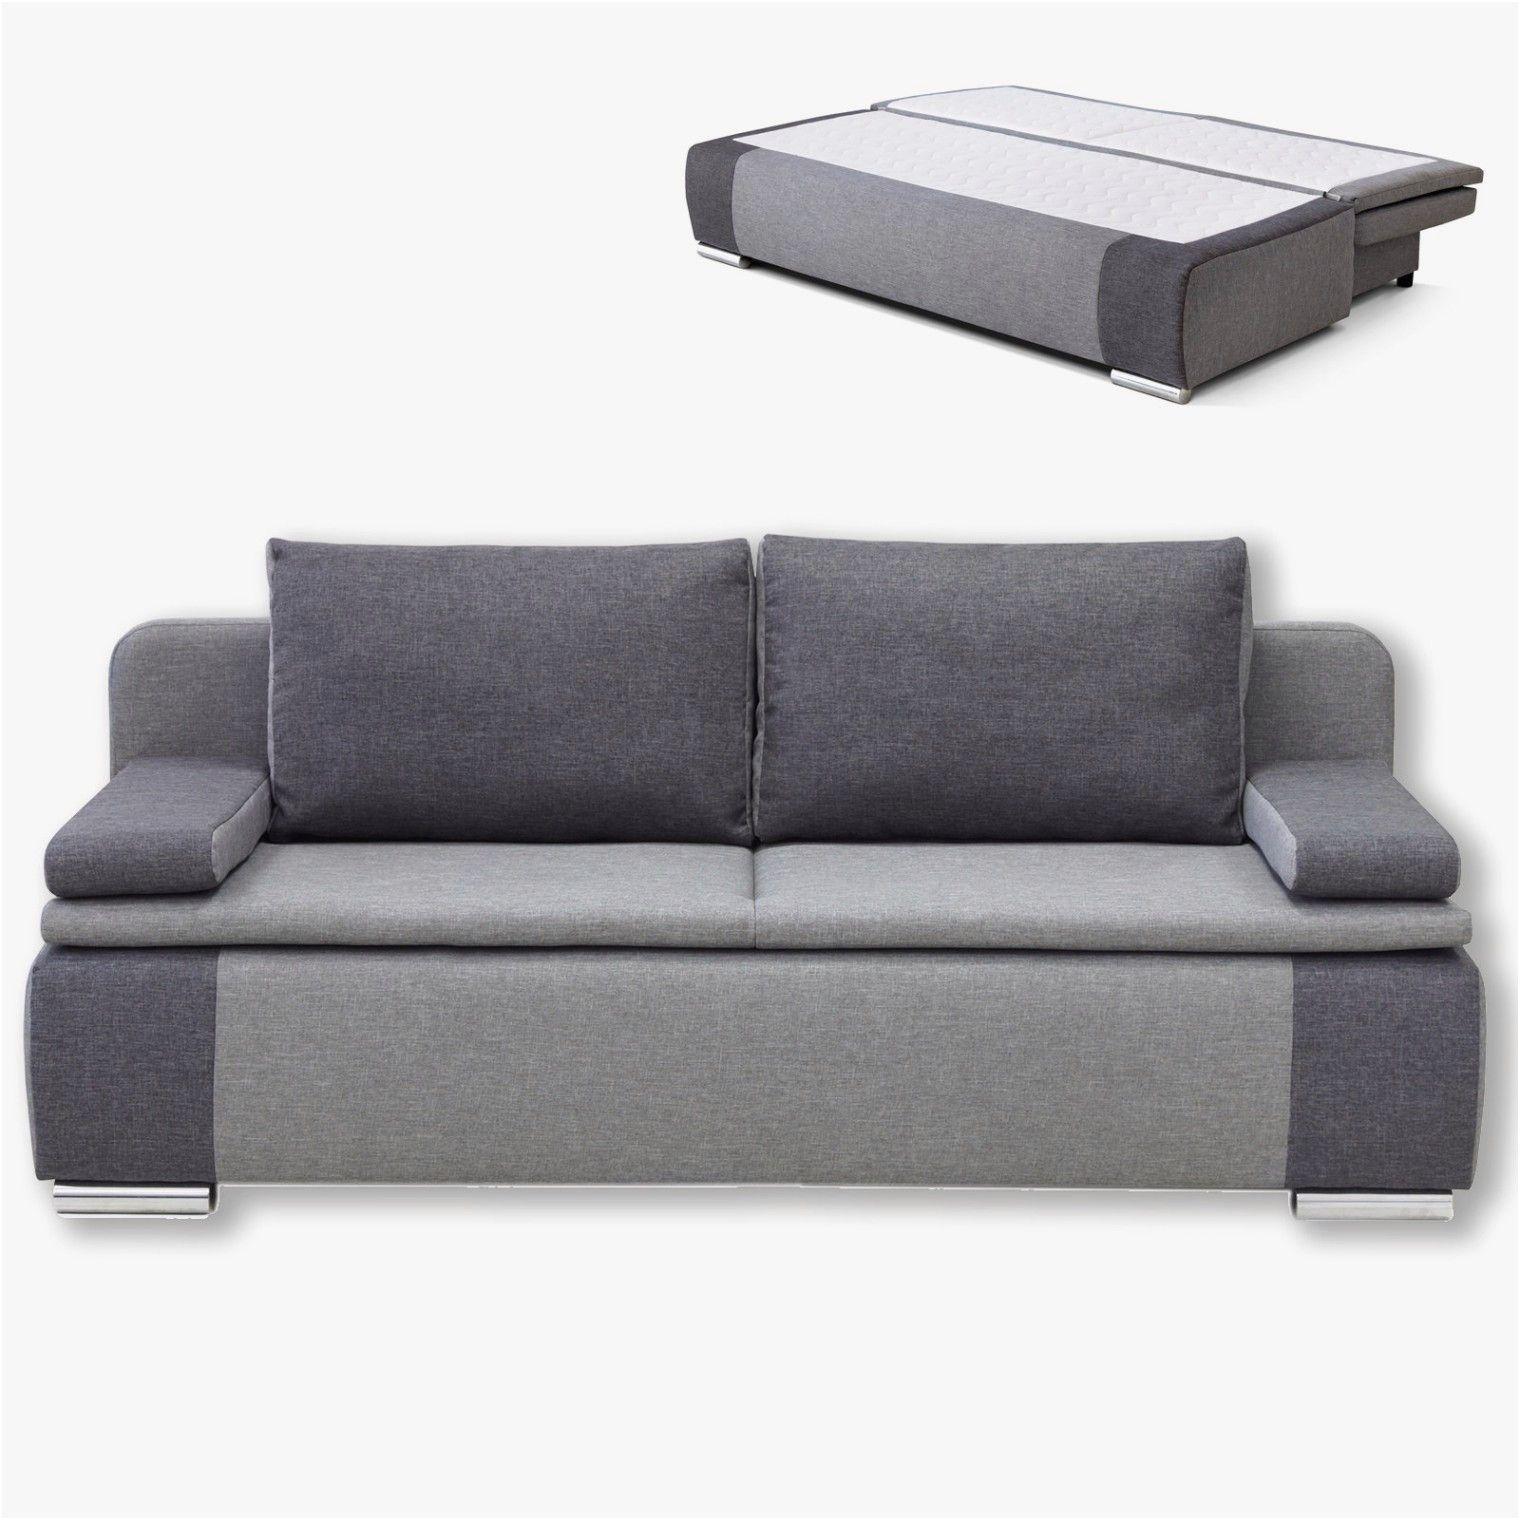 Exklusiv Sofa Recamiere Links Dengan Gambar